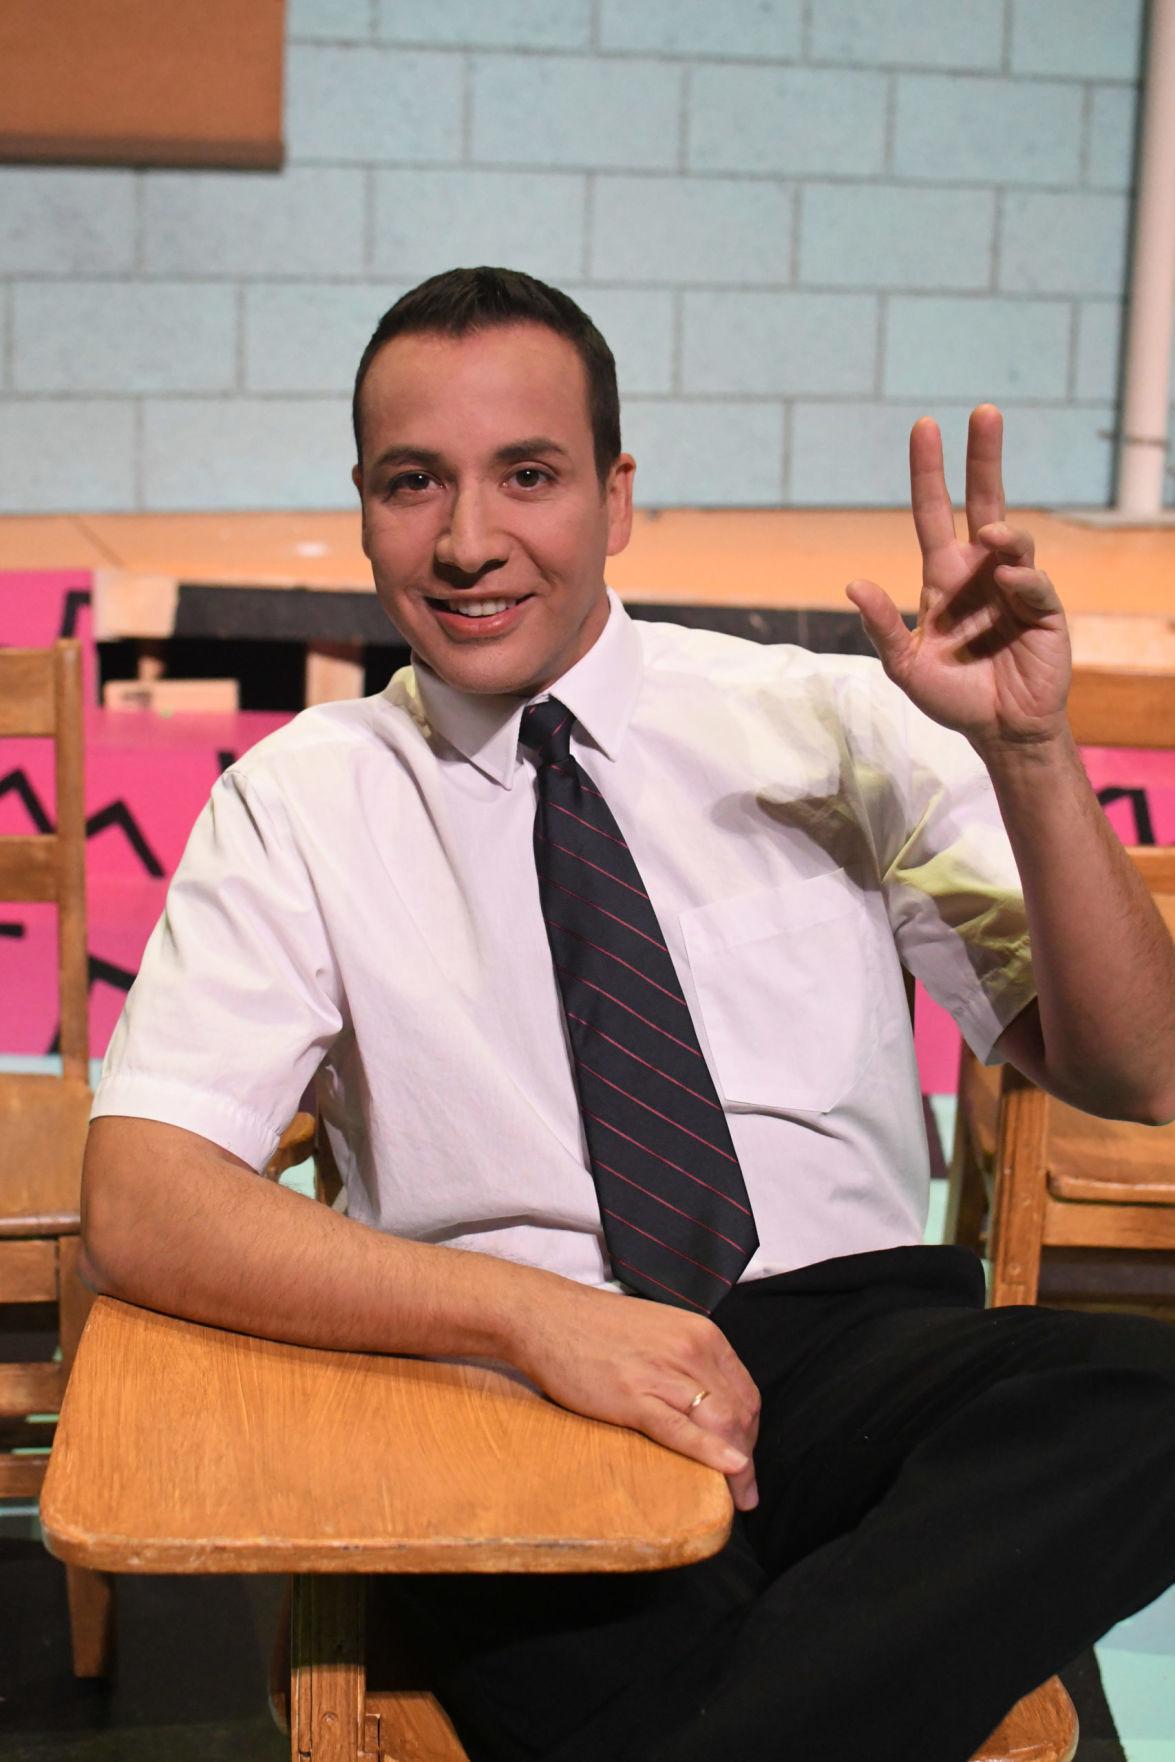 Howie desk